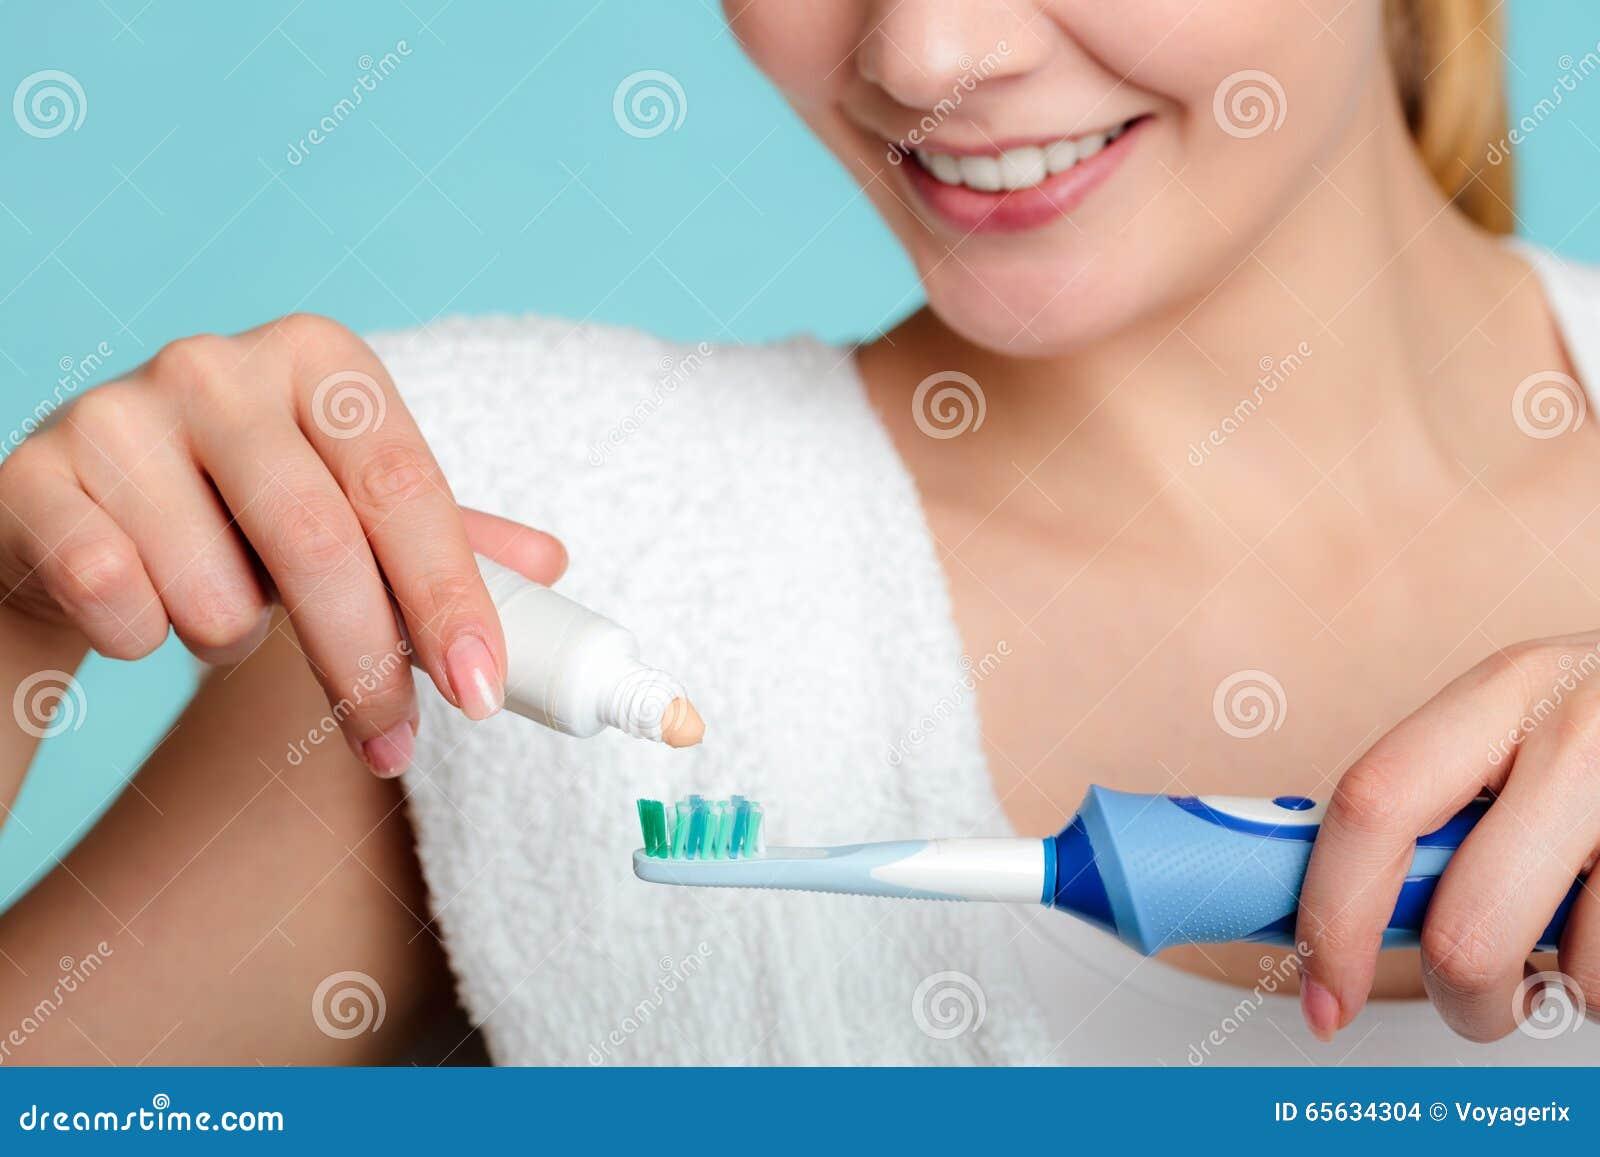 Jeune fille avec la pâte dentifrice et la brosse à dents